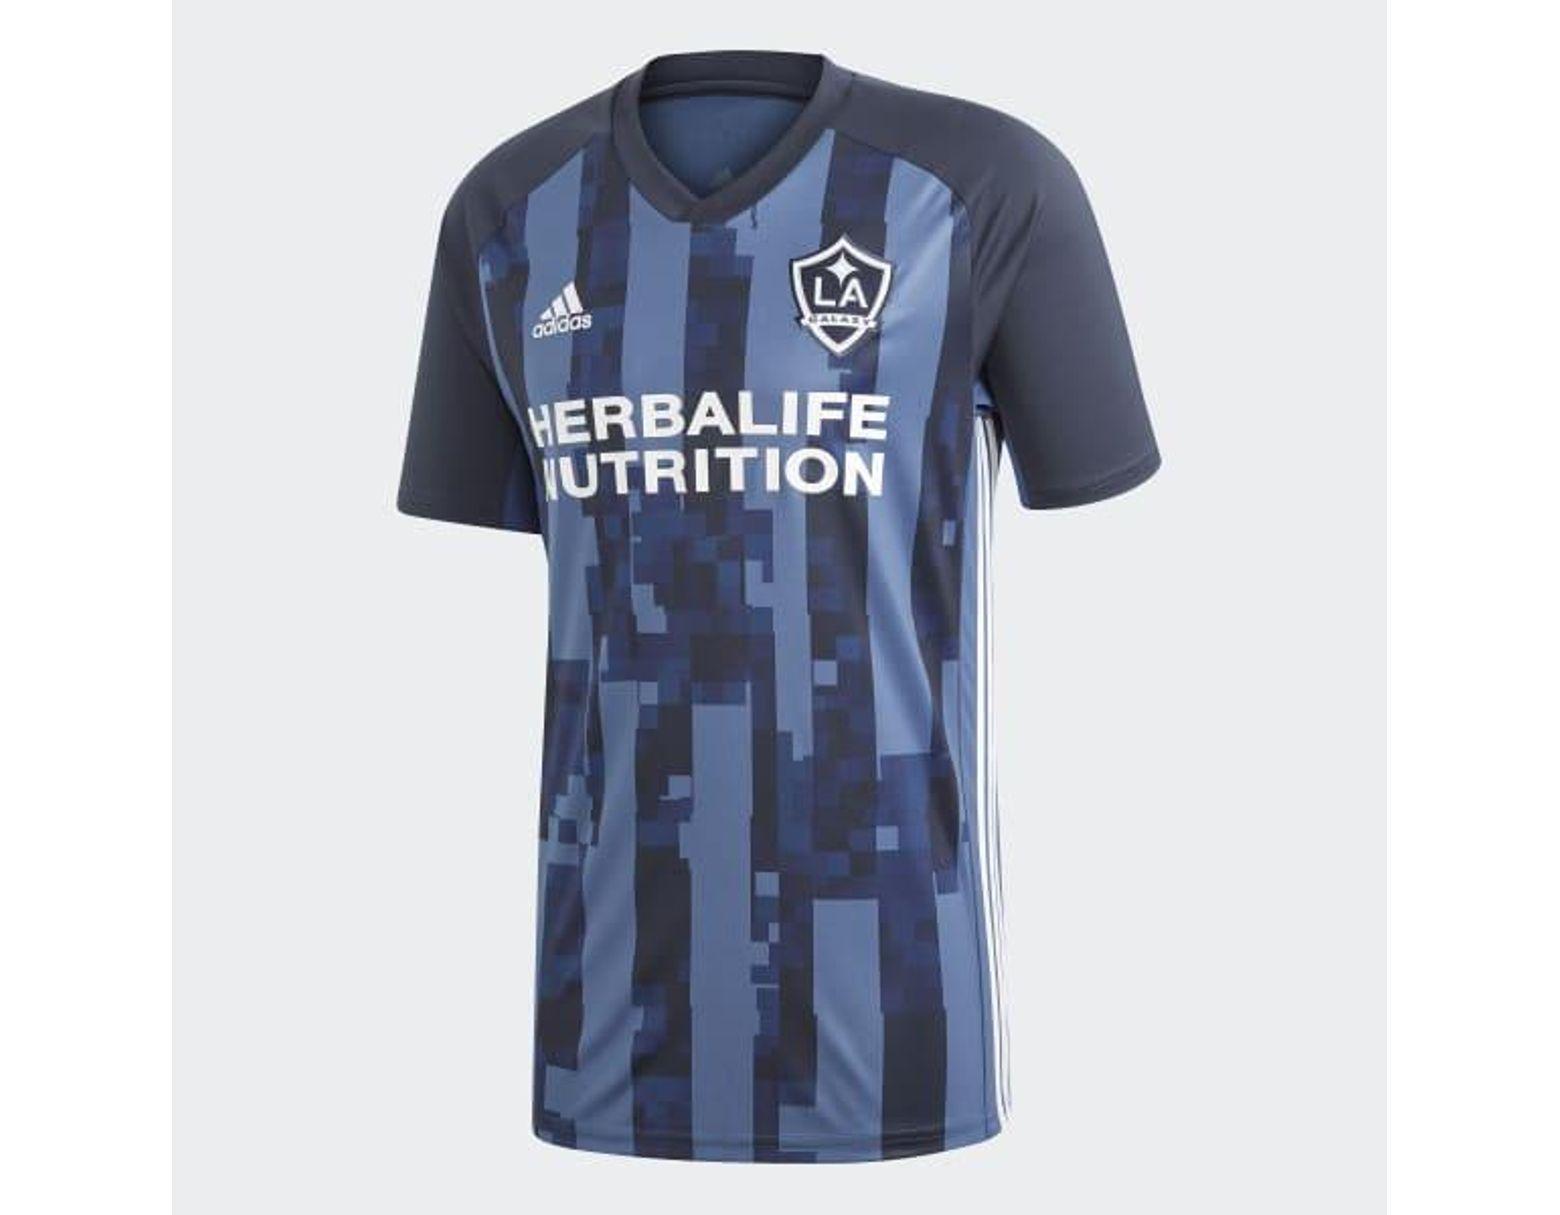 68f65d022e adidas La Galaxy Away Jersey in Blue for Men - Lyst